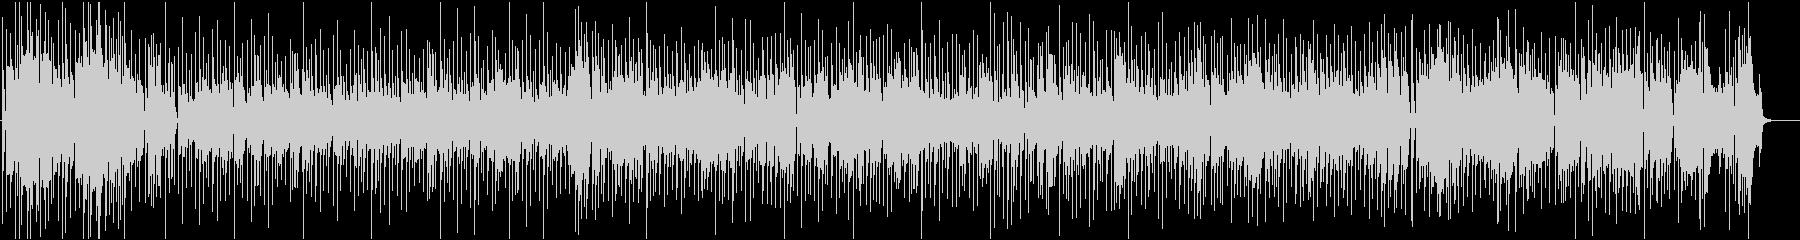 クラリネット生演奏のシャッフル系の未再生の波形